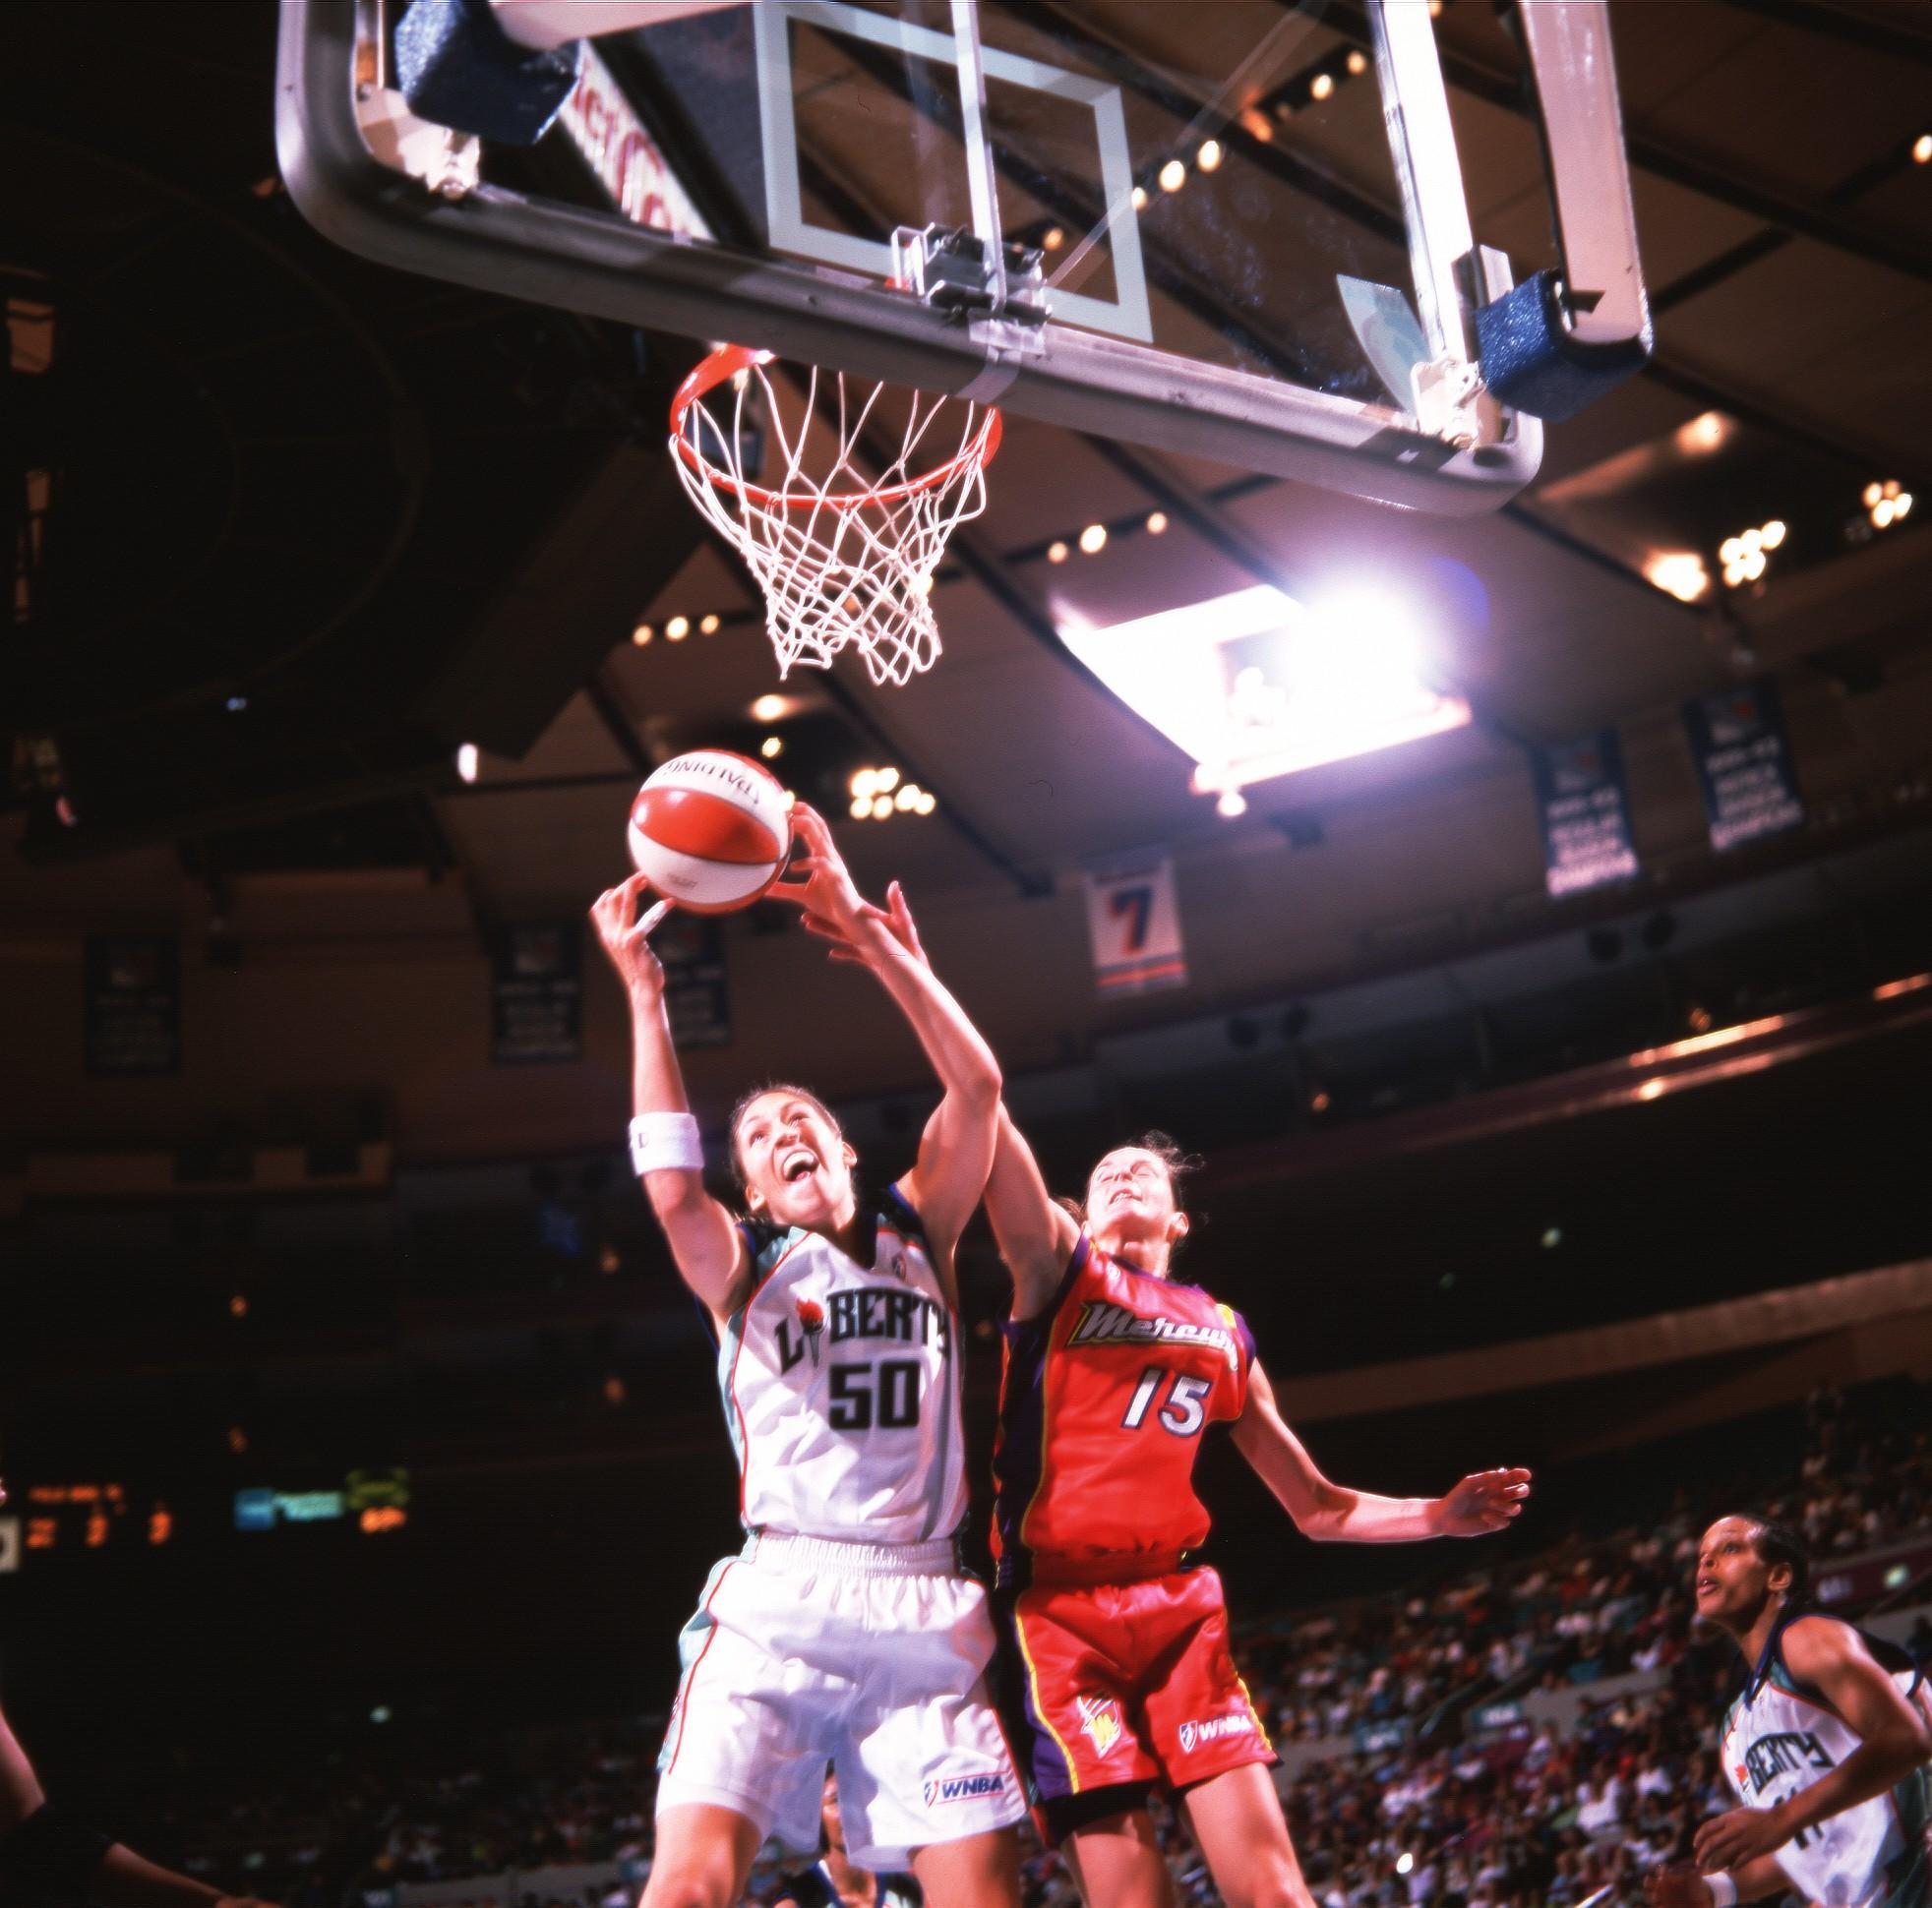 1998 NY Liberty Rebecca Lobo